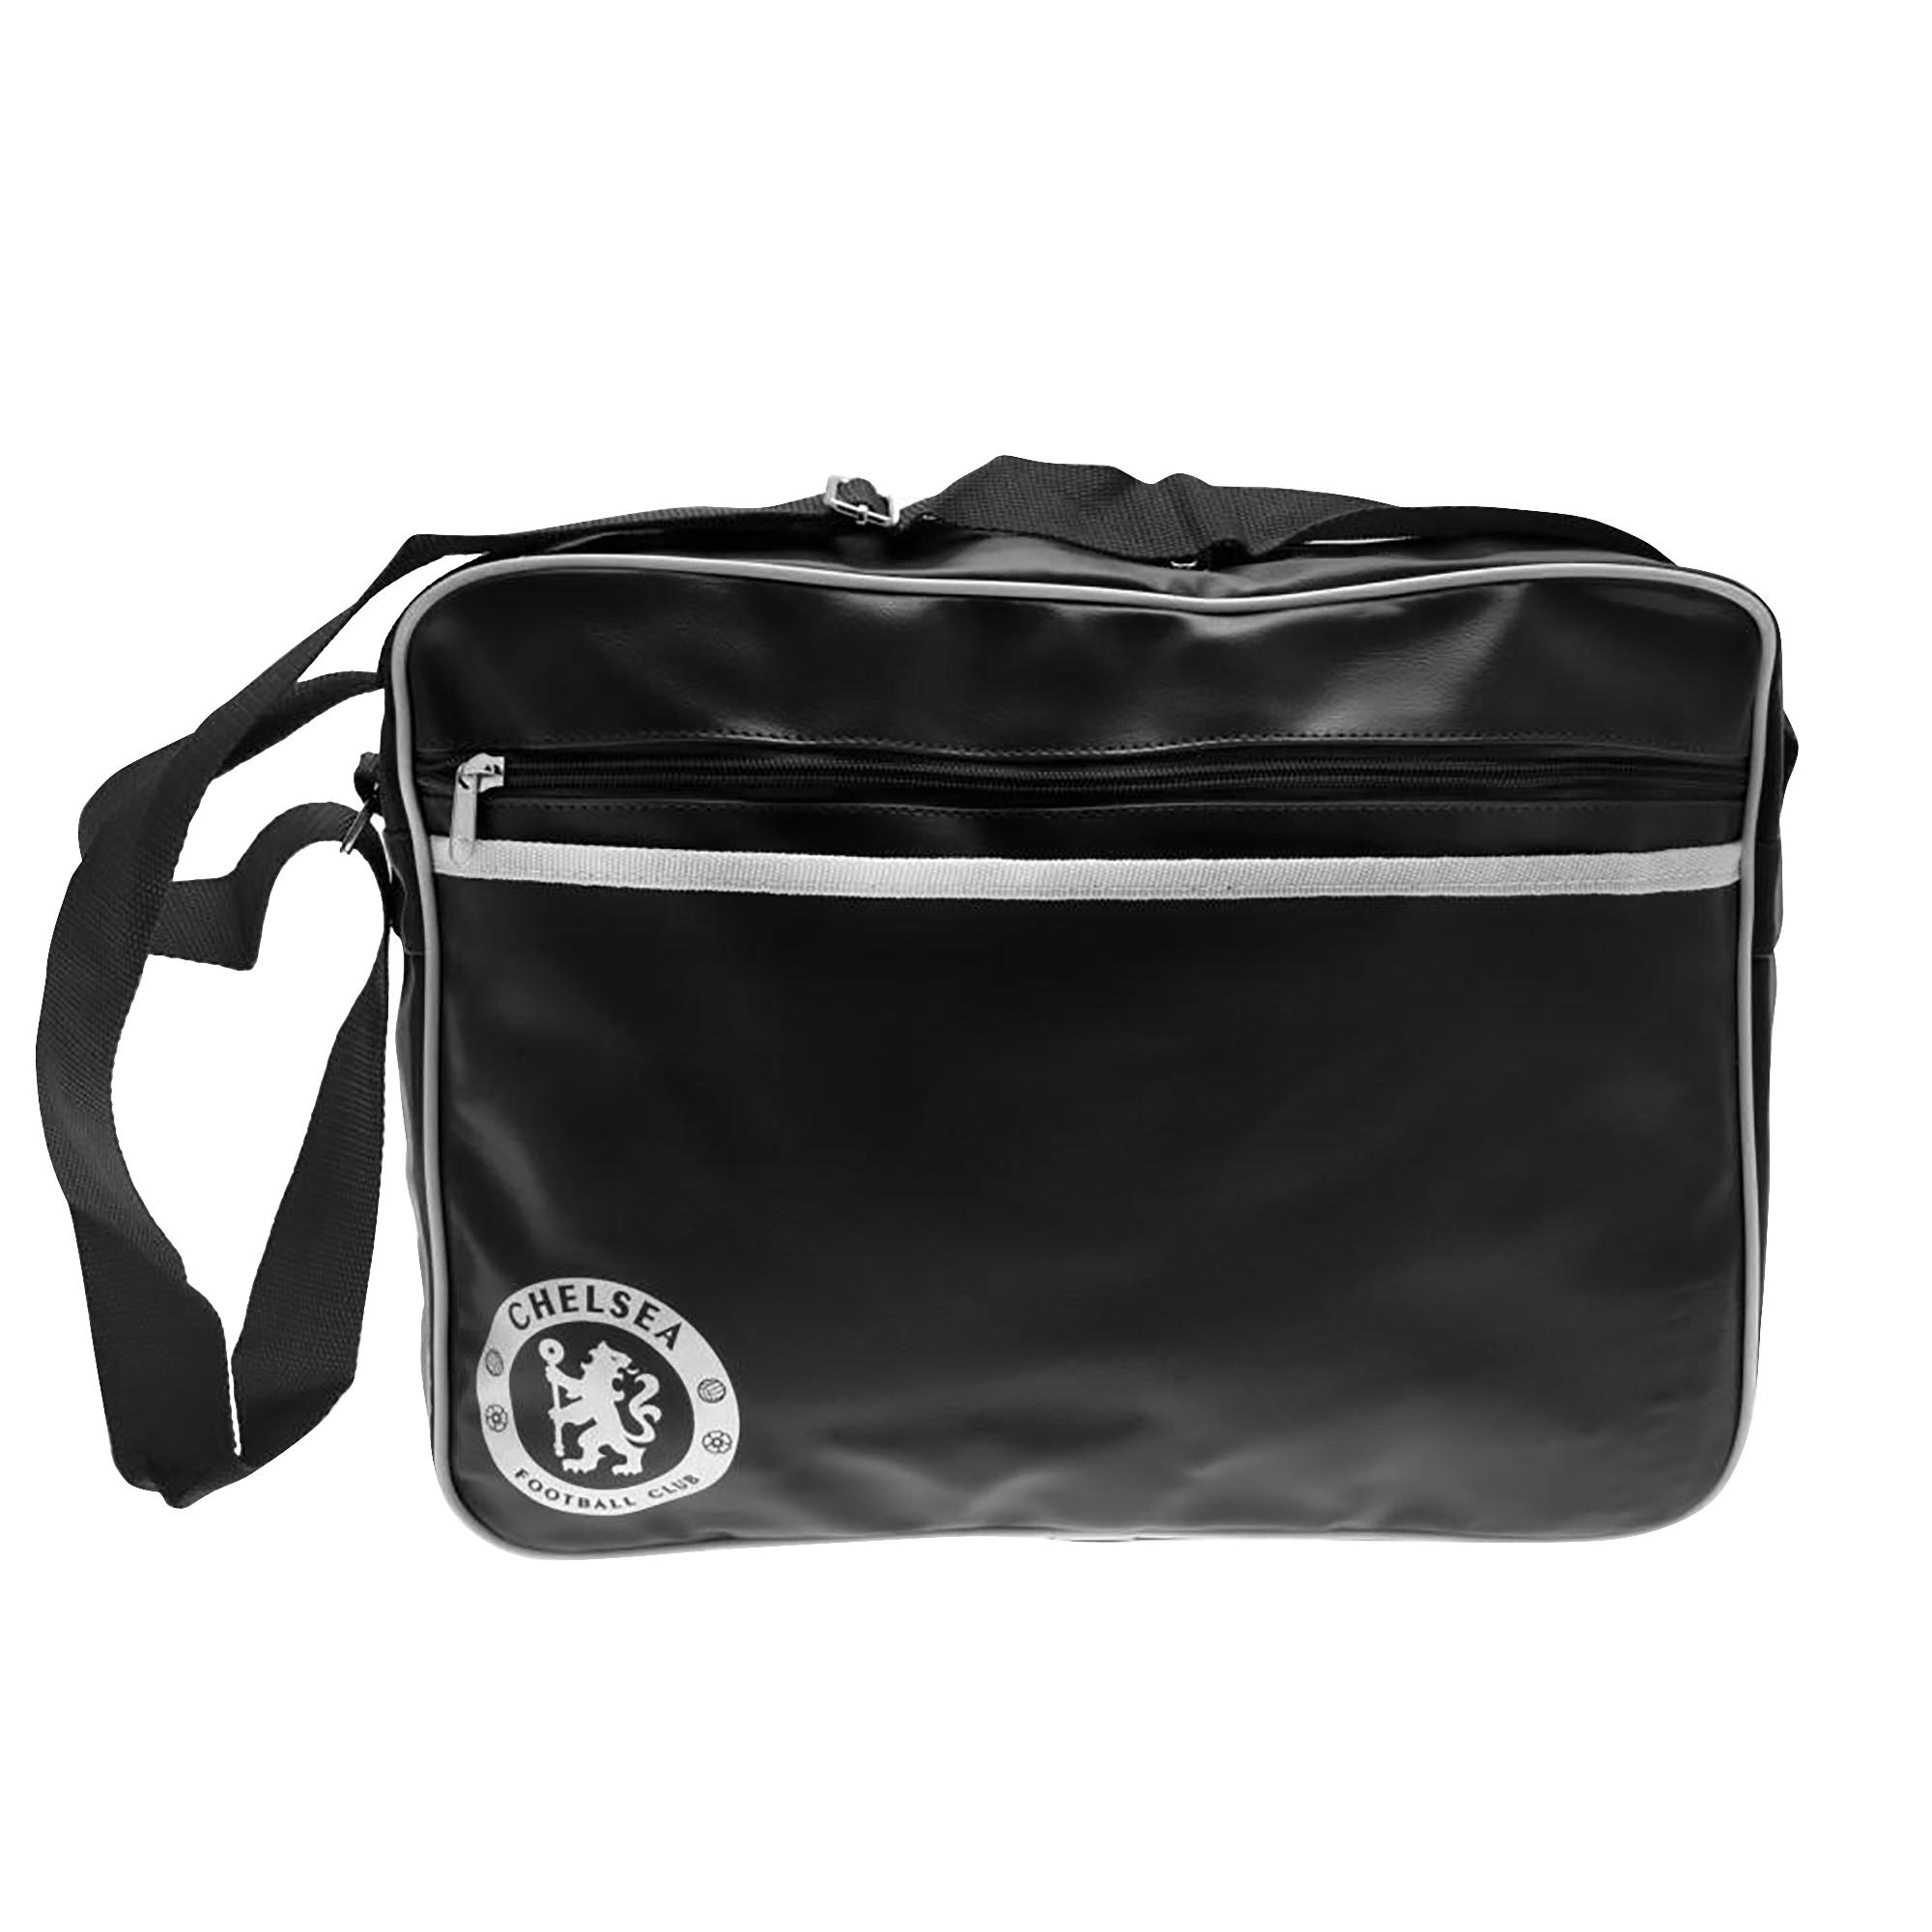 Chelsea FC Touch Fastening Messenger Bag (40 x 28 x 9cm) (Black/White)